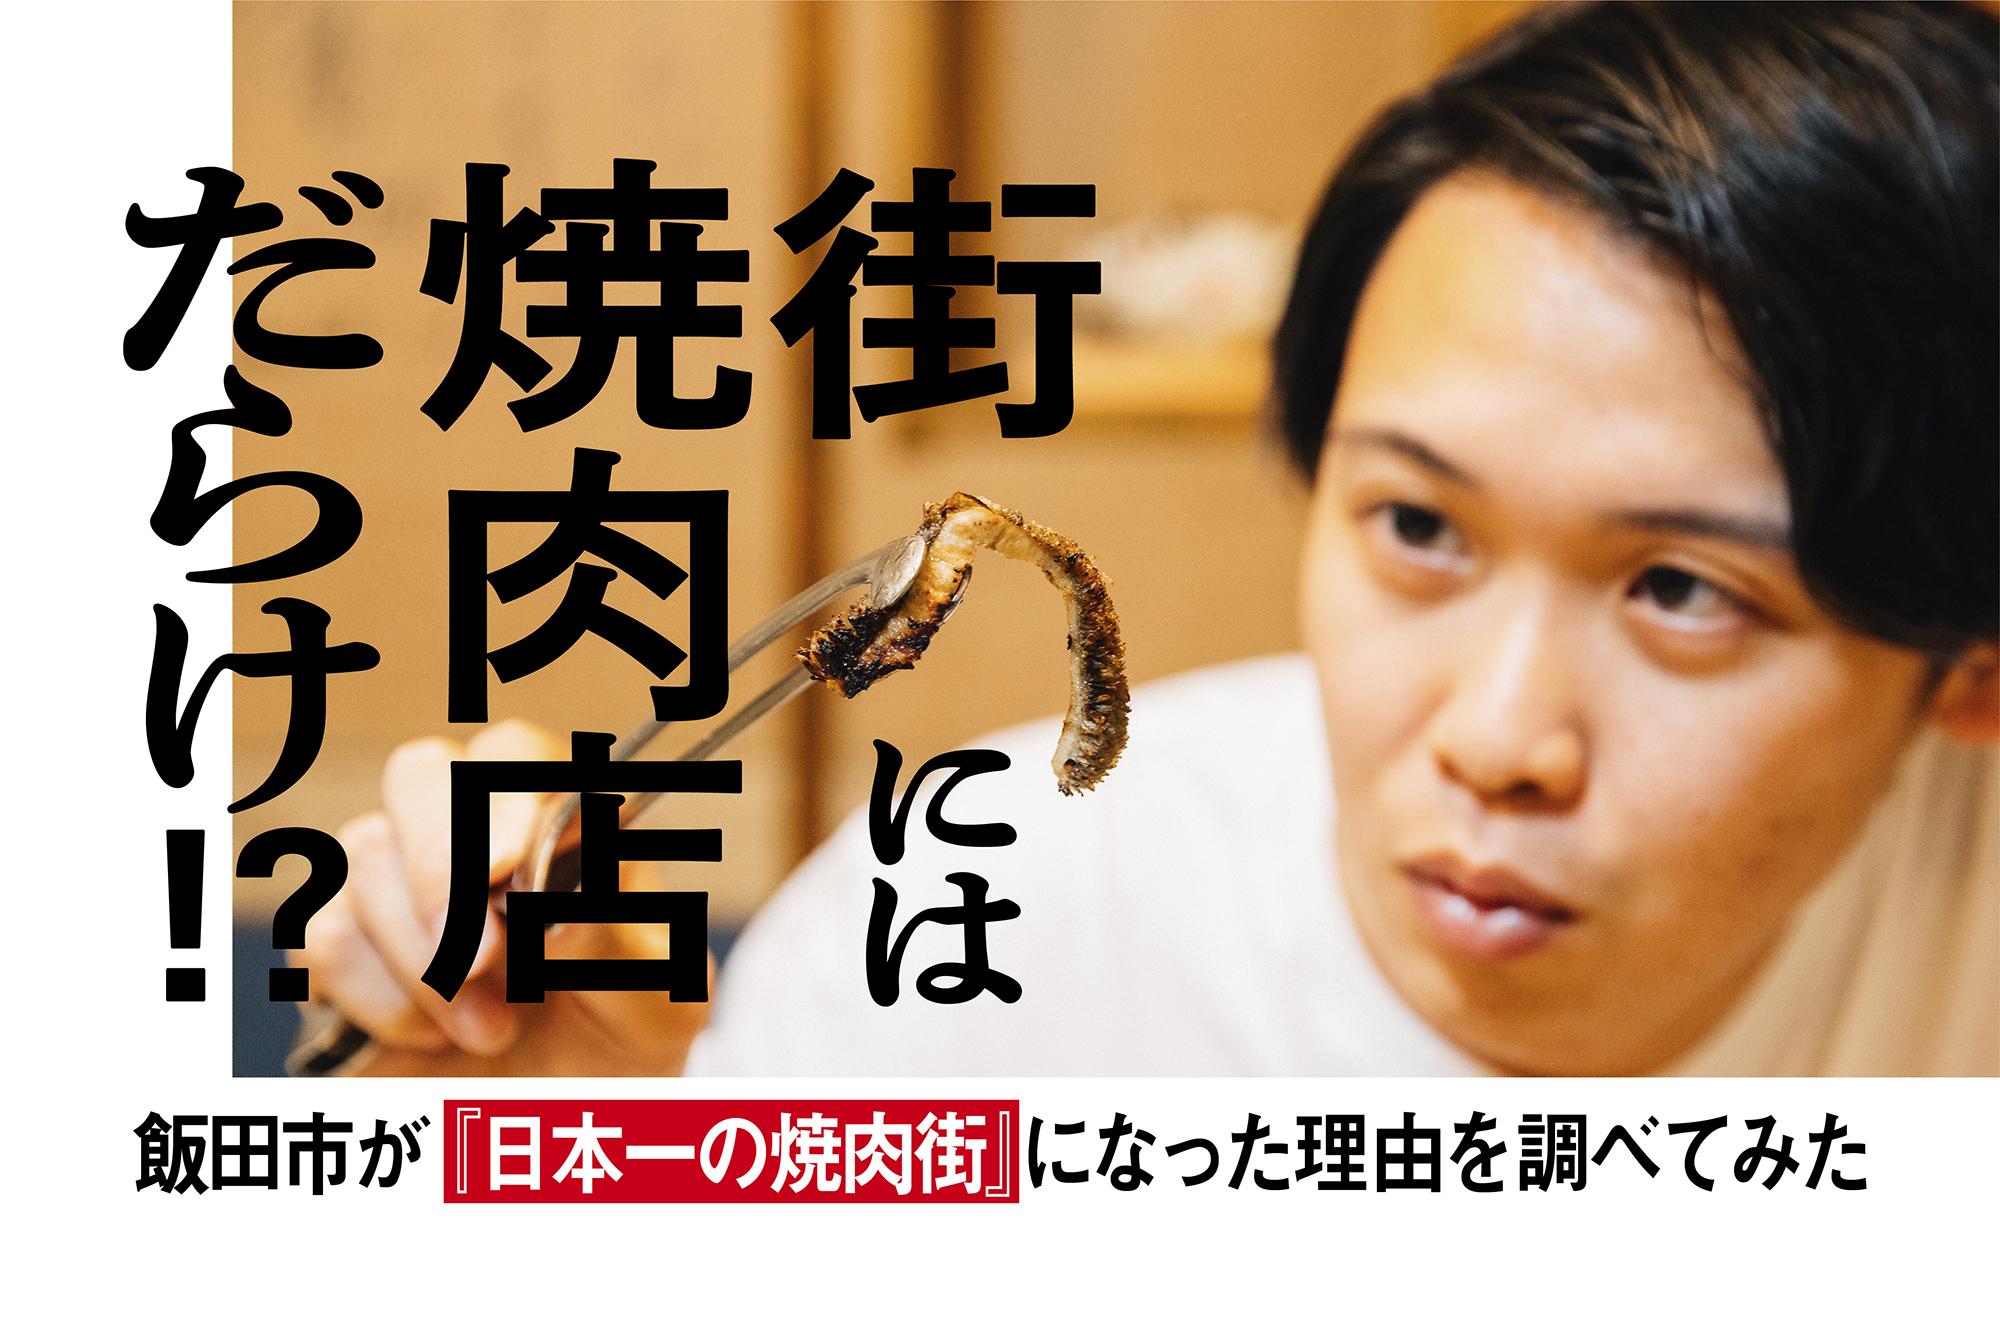 街には焼肉店だらけ!? 飯田市が『日本一の焼肉街』になった理由を調べてみた